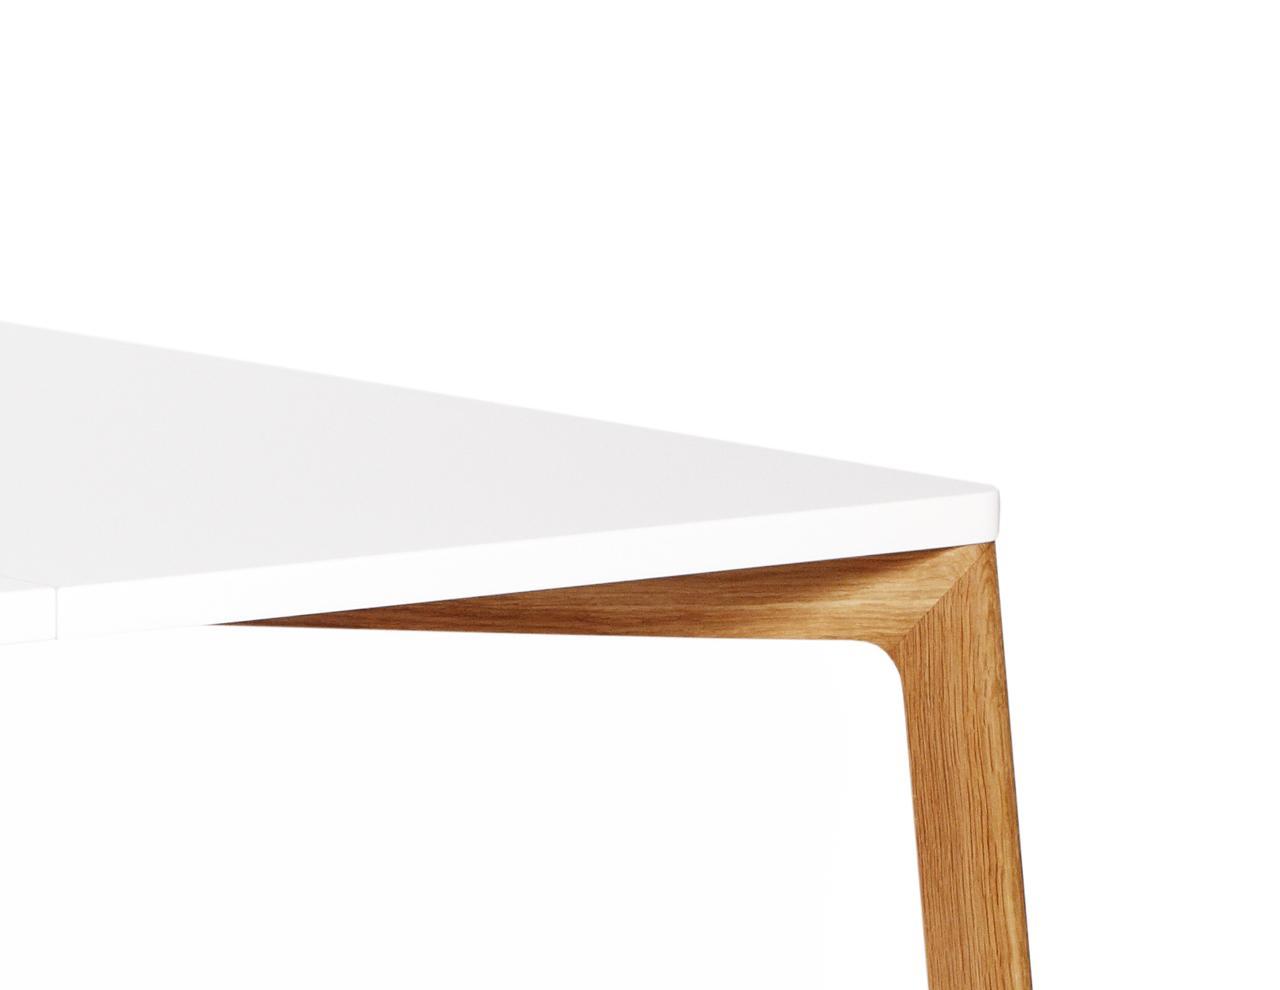 Esstisch in wei und holz 120 cm for Designer esstisch holz